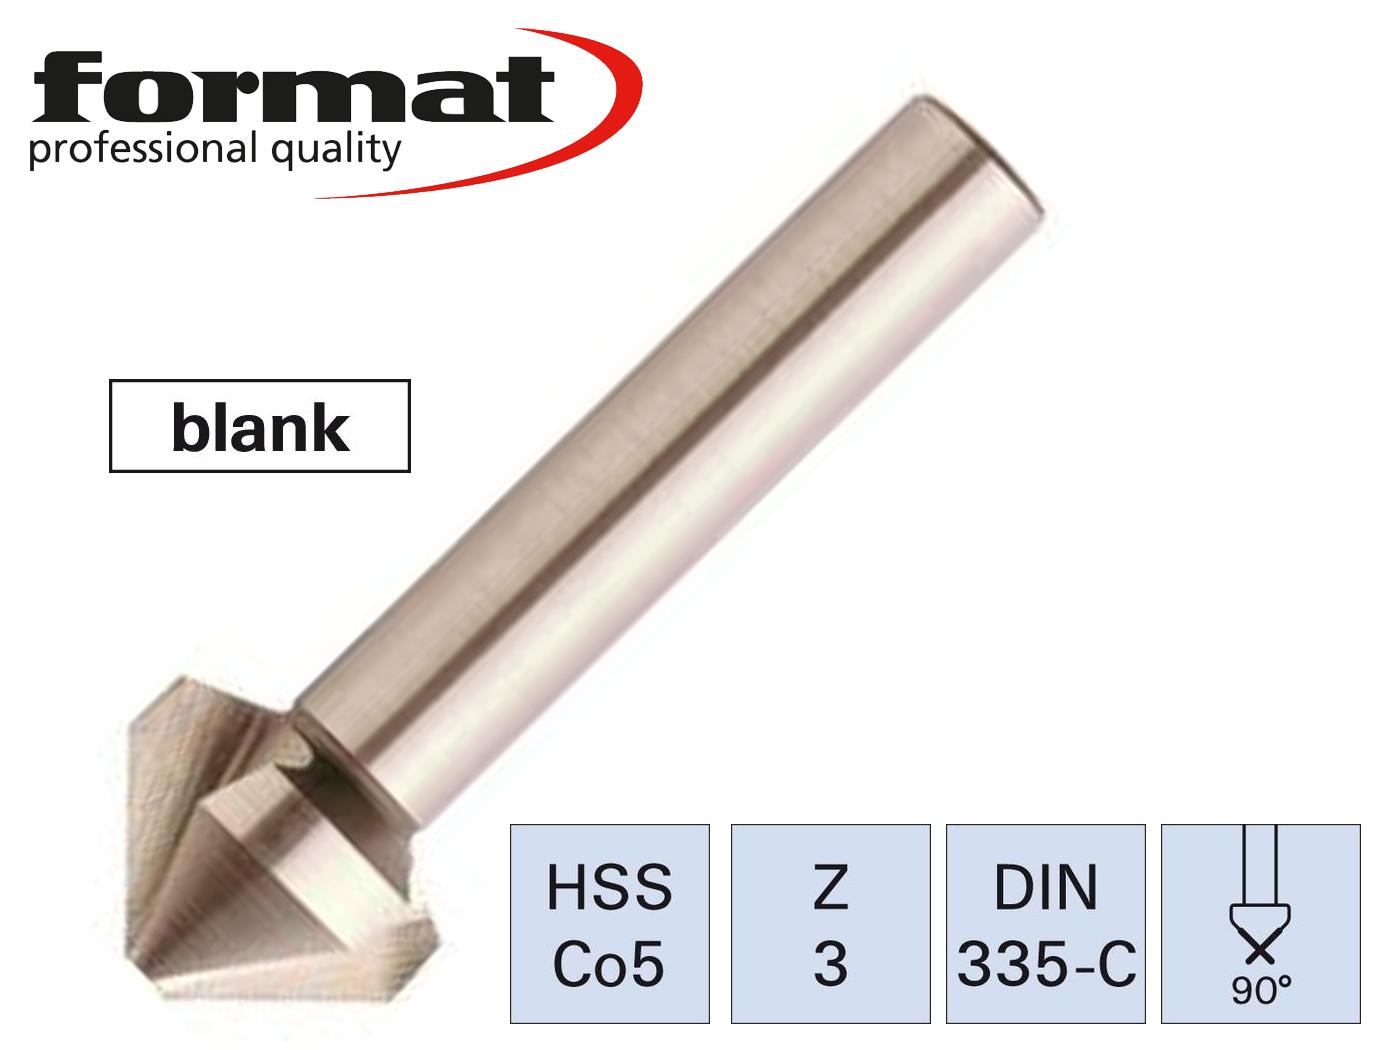 verzinkboor ongelijk verdeeld ZrN DIN335 C 90G | DKMTools - DKM Tools